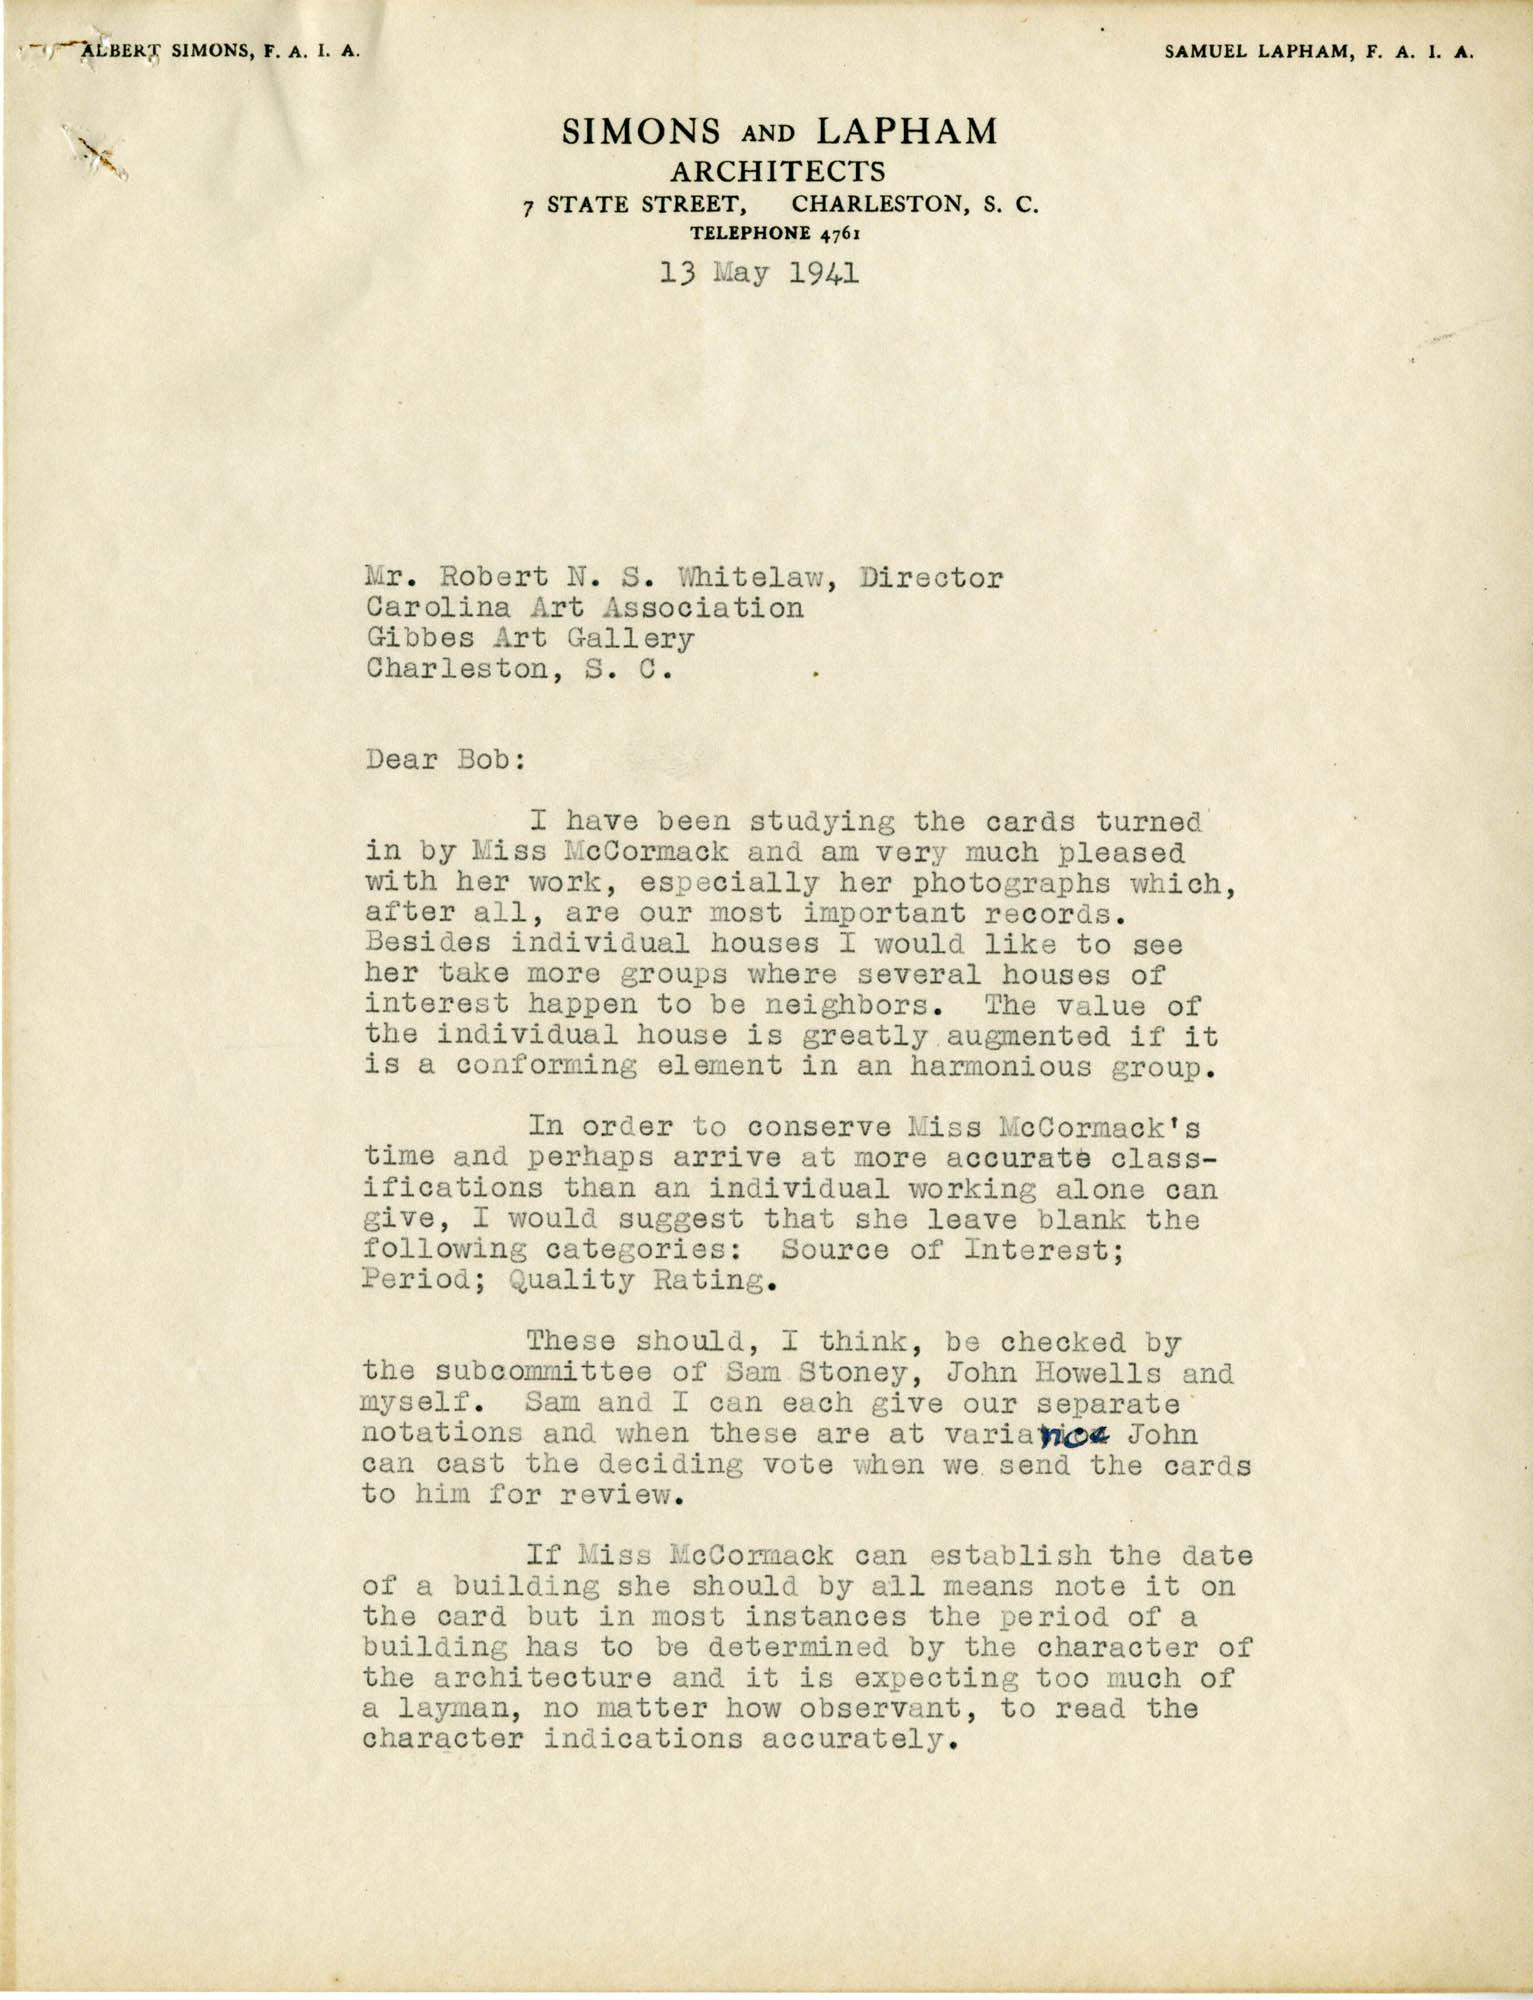 Folder 18: Albert Simons Letter 2